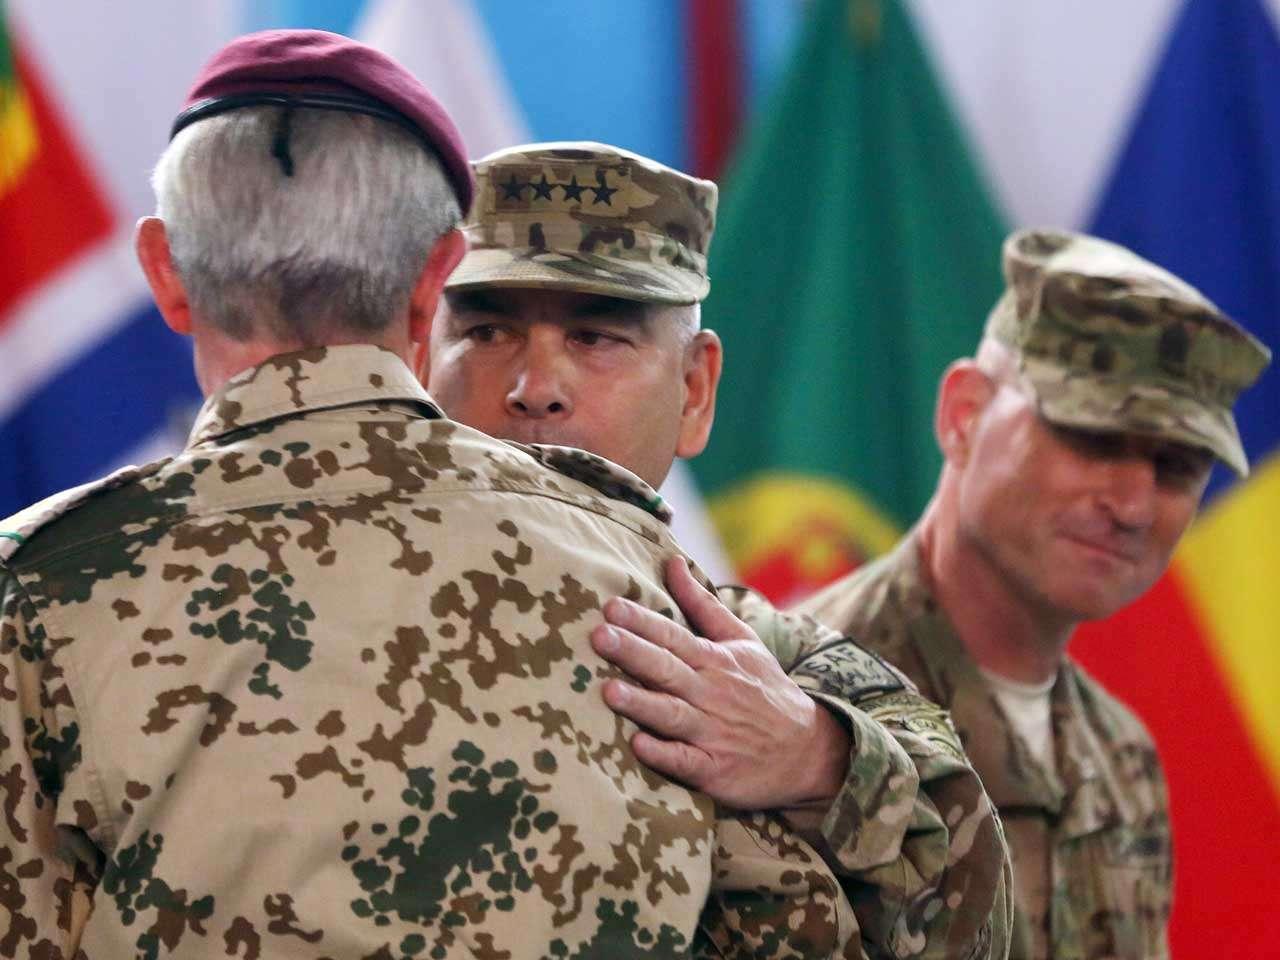 Los generales John Campbell y Hans-Lothar Domrose, de la ISAF, se abrazan durante la ceremonia que concluyó la operación de la OTAN y Estados Unidos en Afganistán, Kabul, el 28 de diciembre de 2014. Foto: AP en español